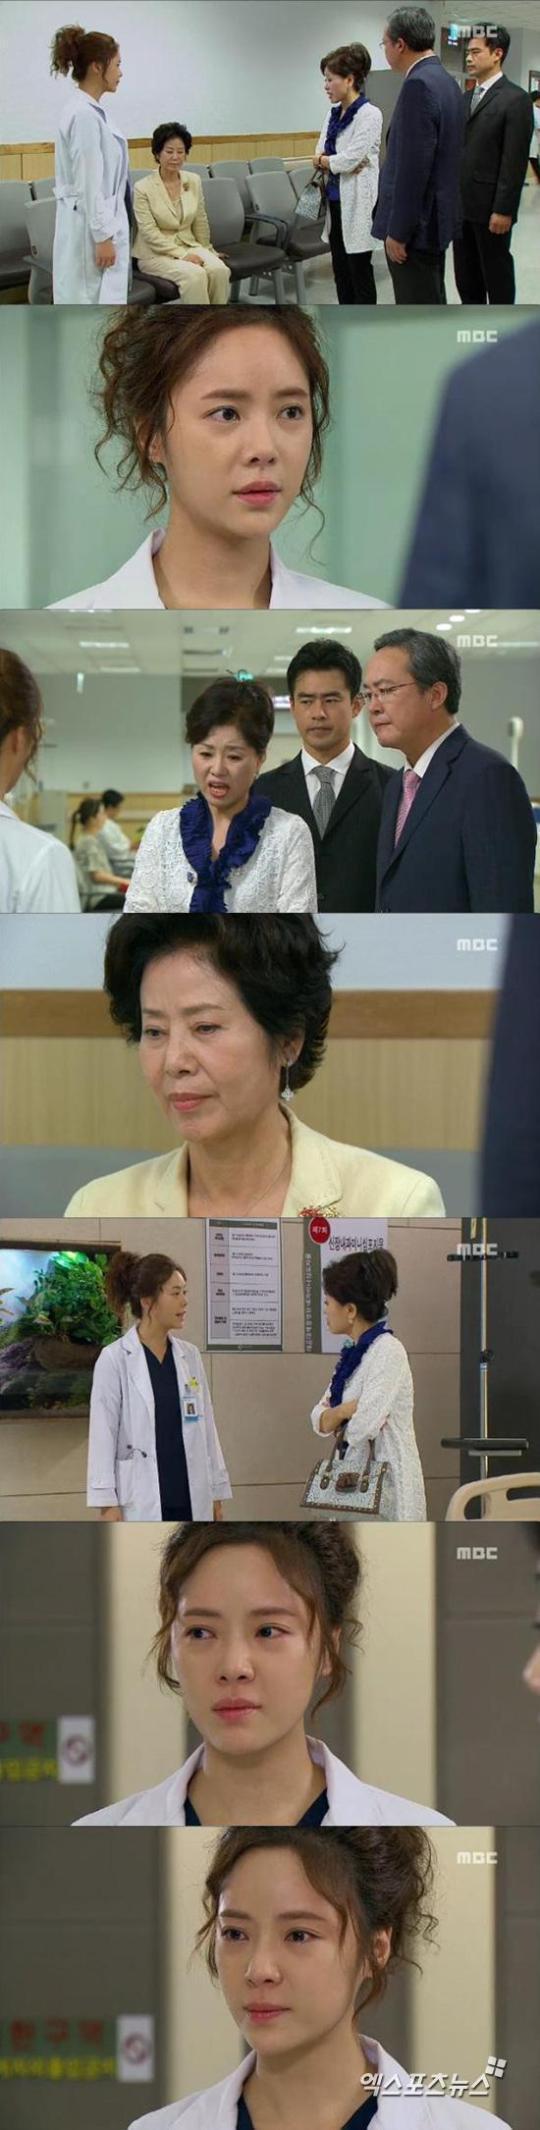 '골든타임' 황정음, 잇단 가족 문제로 '눈물 펑펑'